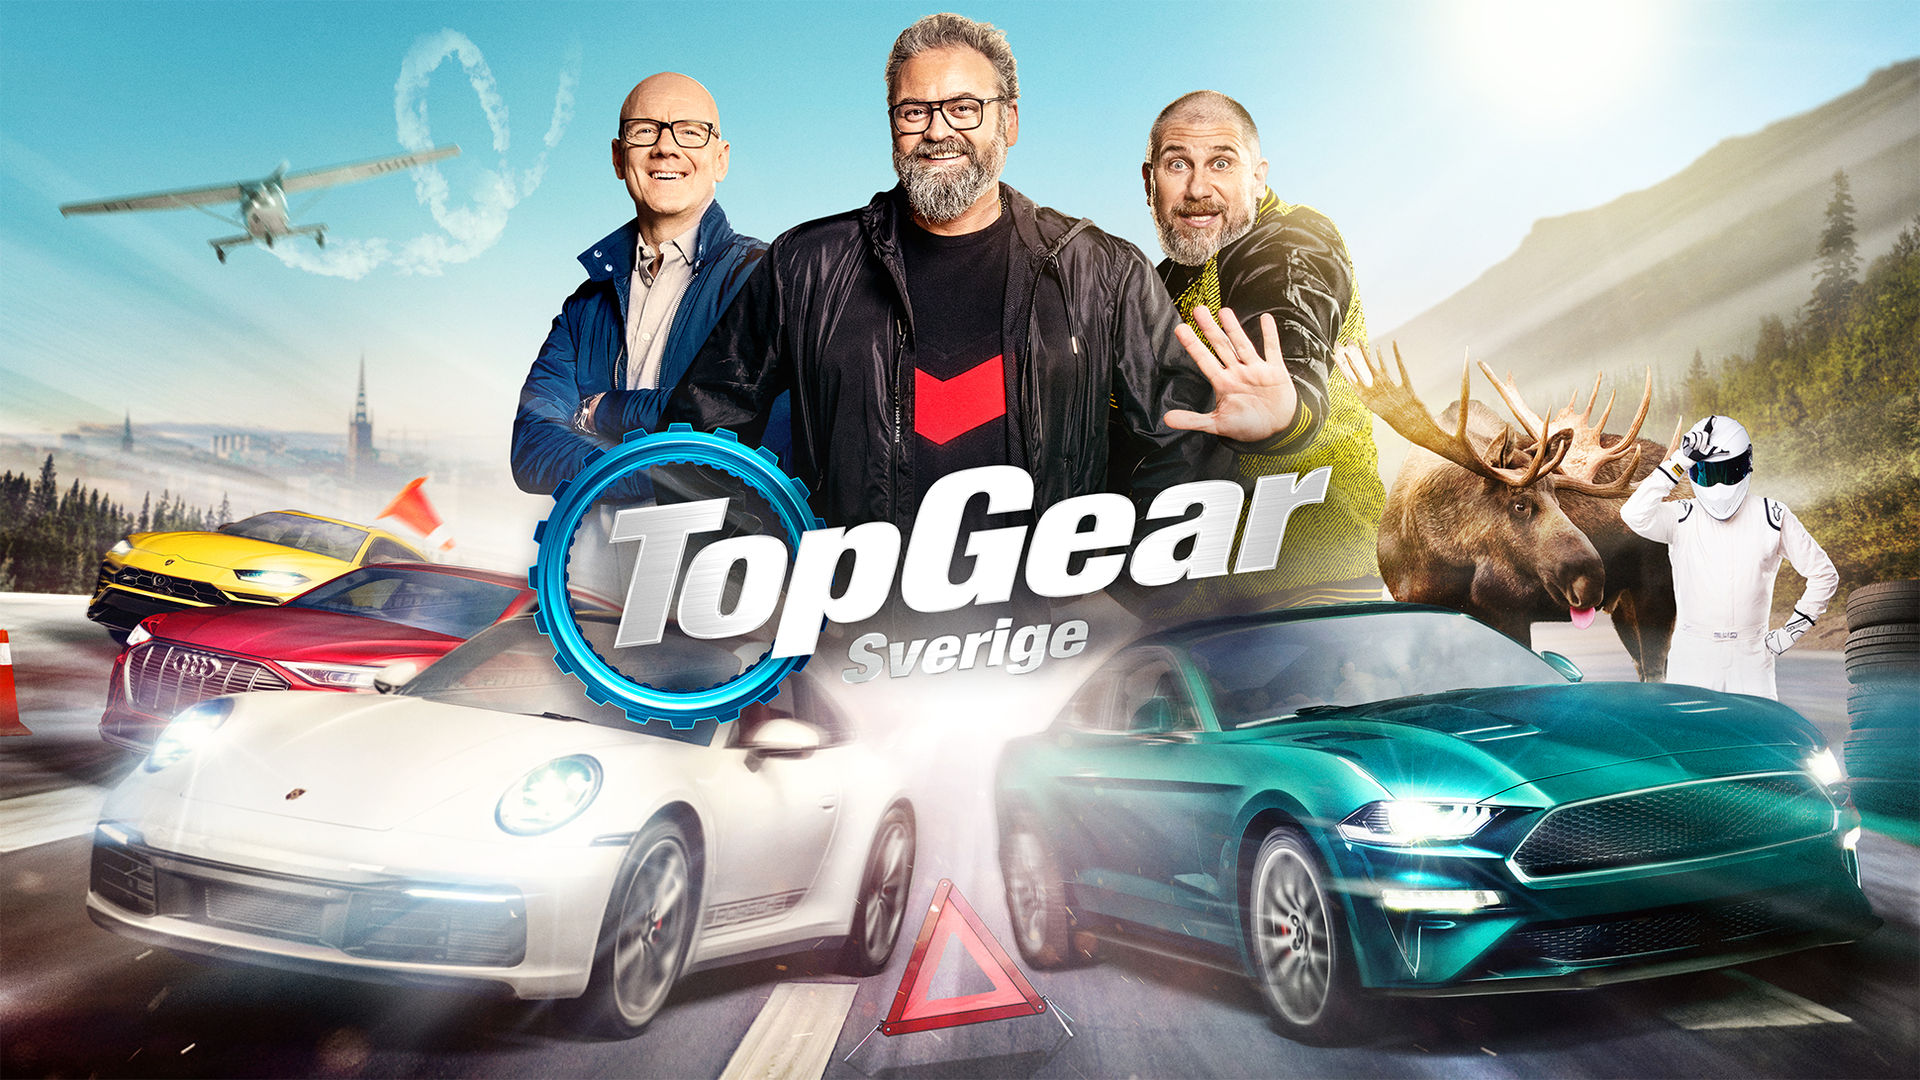 Nu kan du titta på Top Gear Sverige